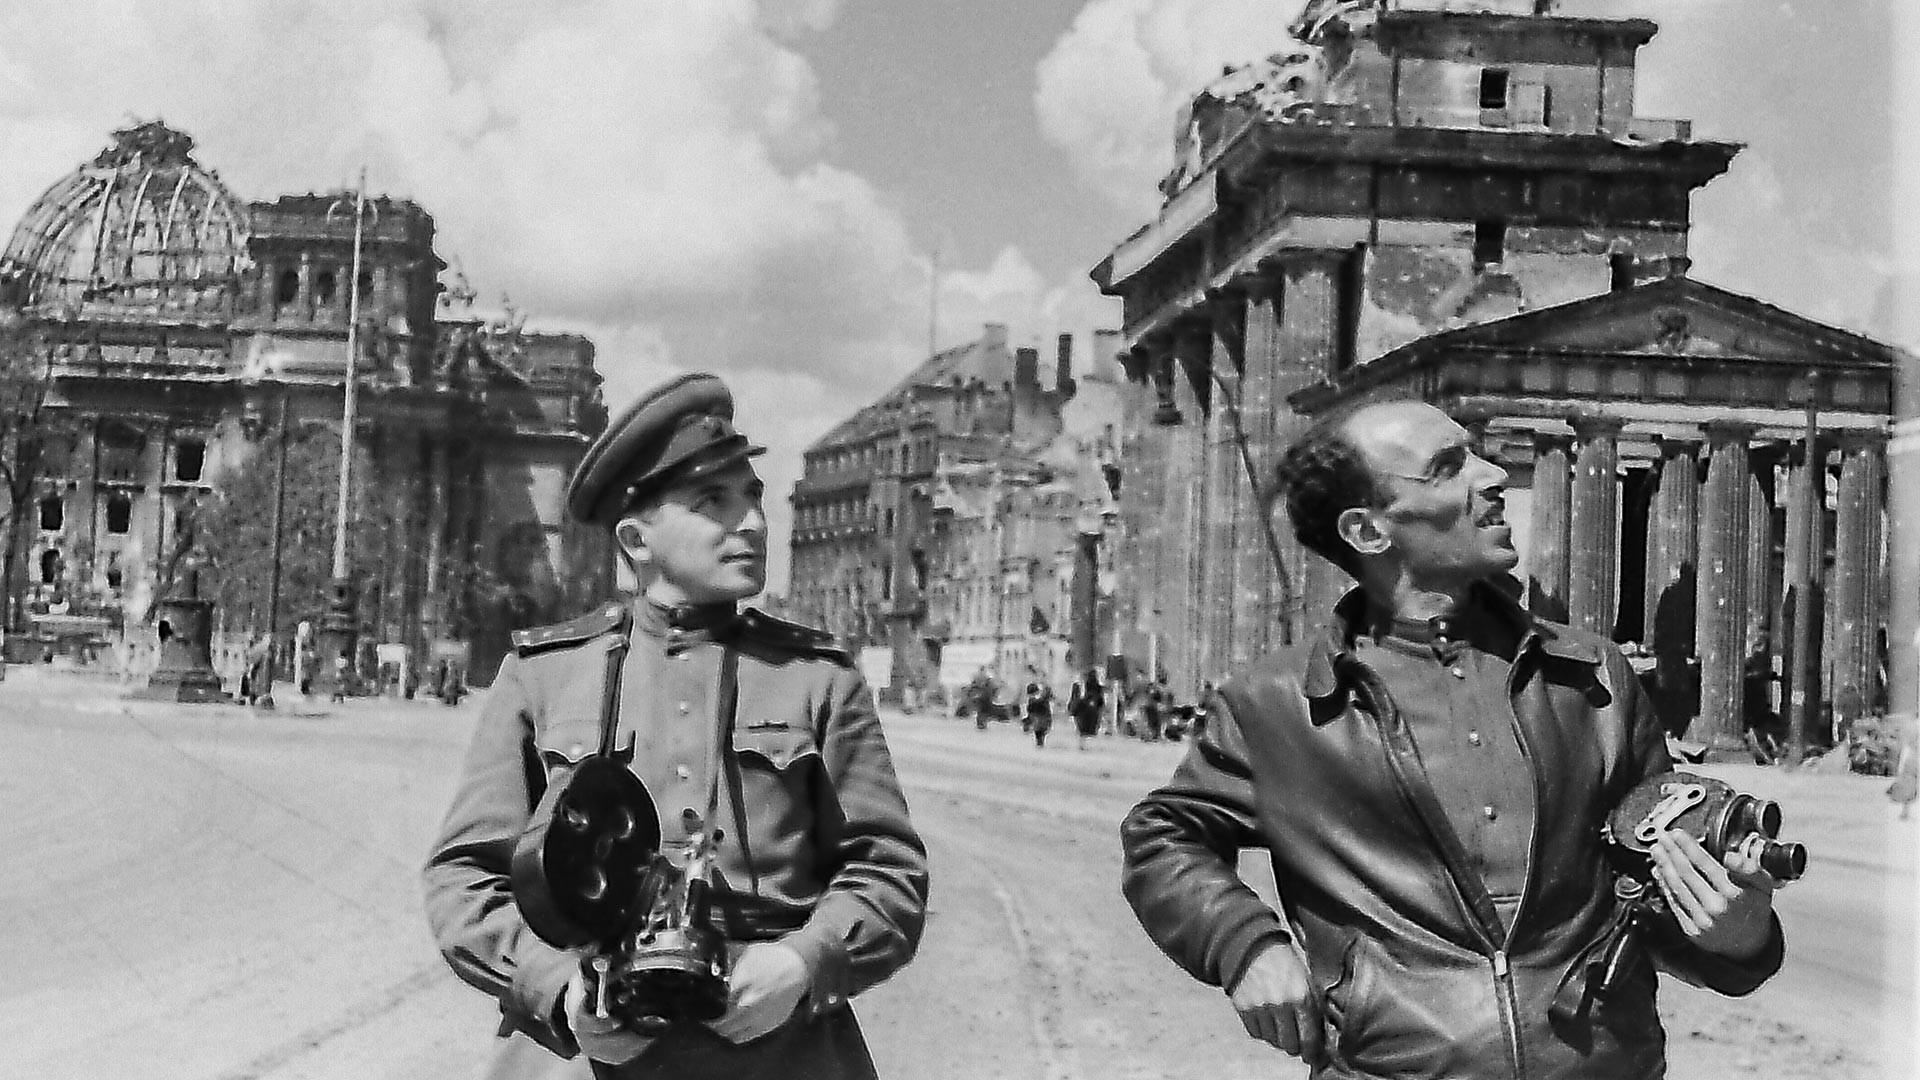 Die Kriegsfotografen Ilja Arons (links) und Leon Majrucho am Brandenburger Tor. Berlin, Juni 1945.